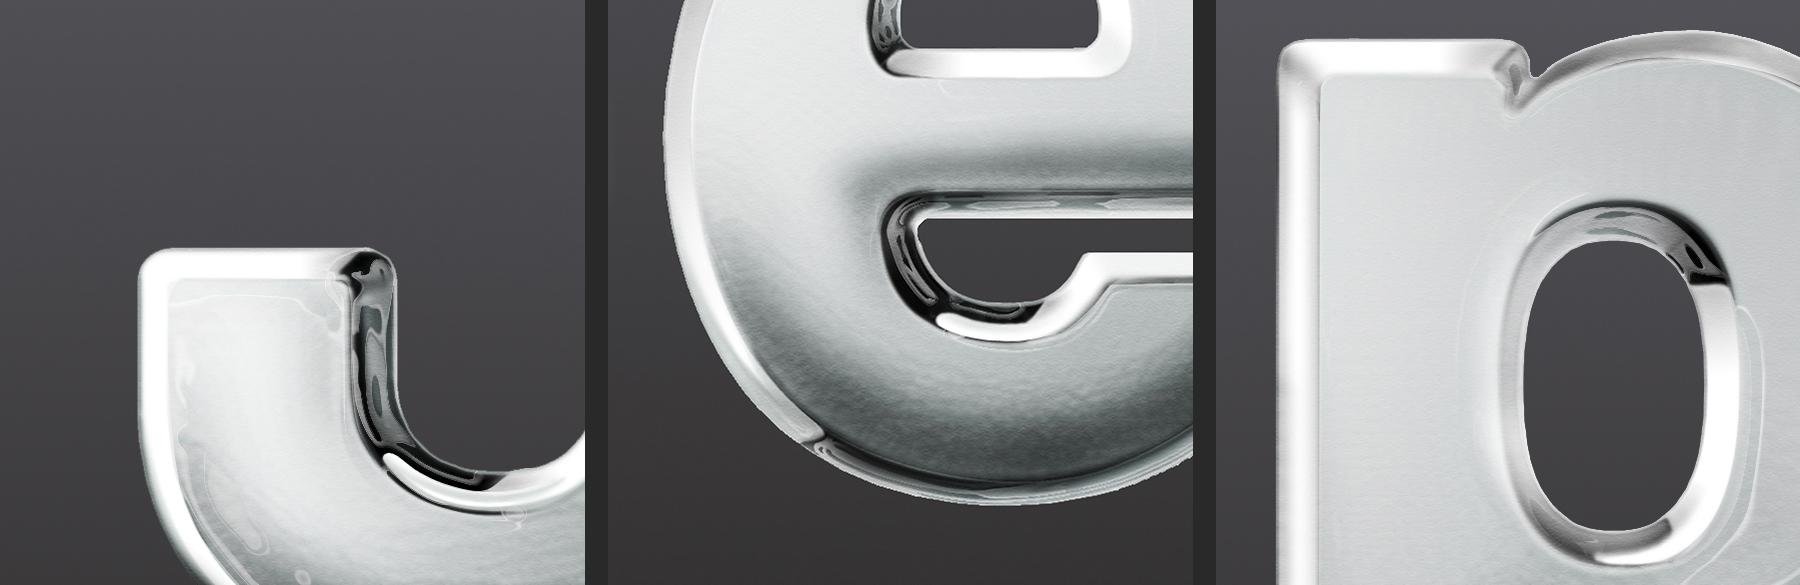 Prisma Associati</br>Jeep logo 3D design